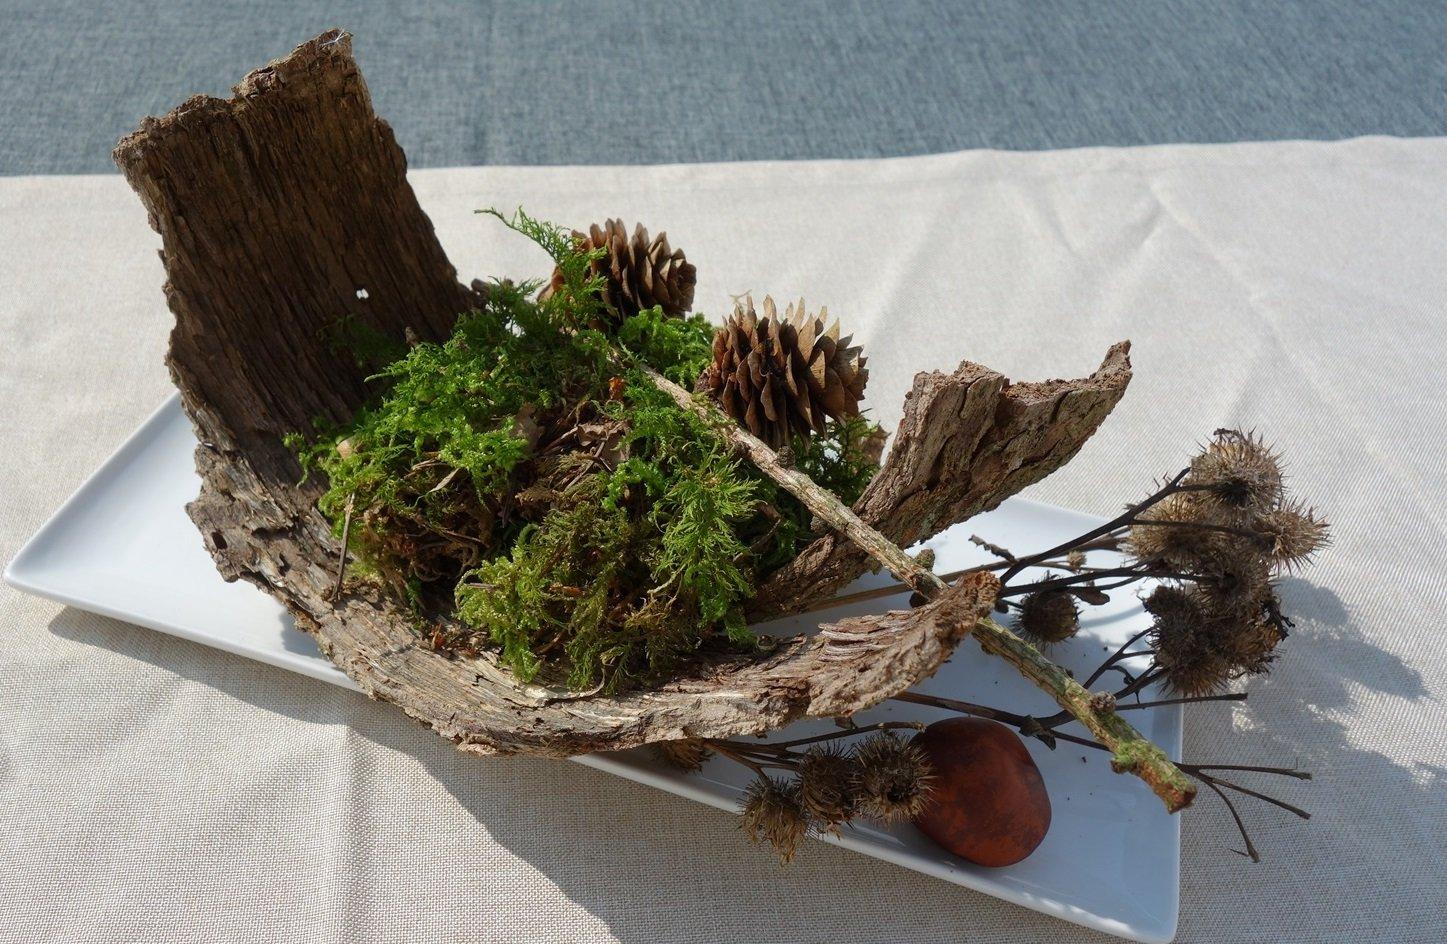 DSC00852 - Herbstdeko -Tischdeko aus dem Wald